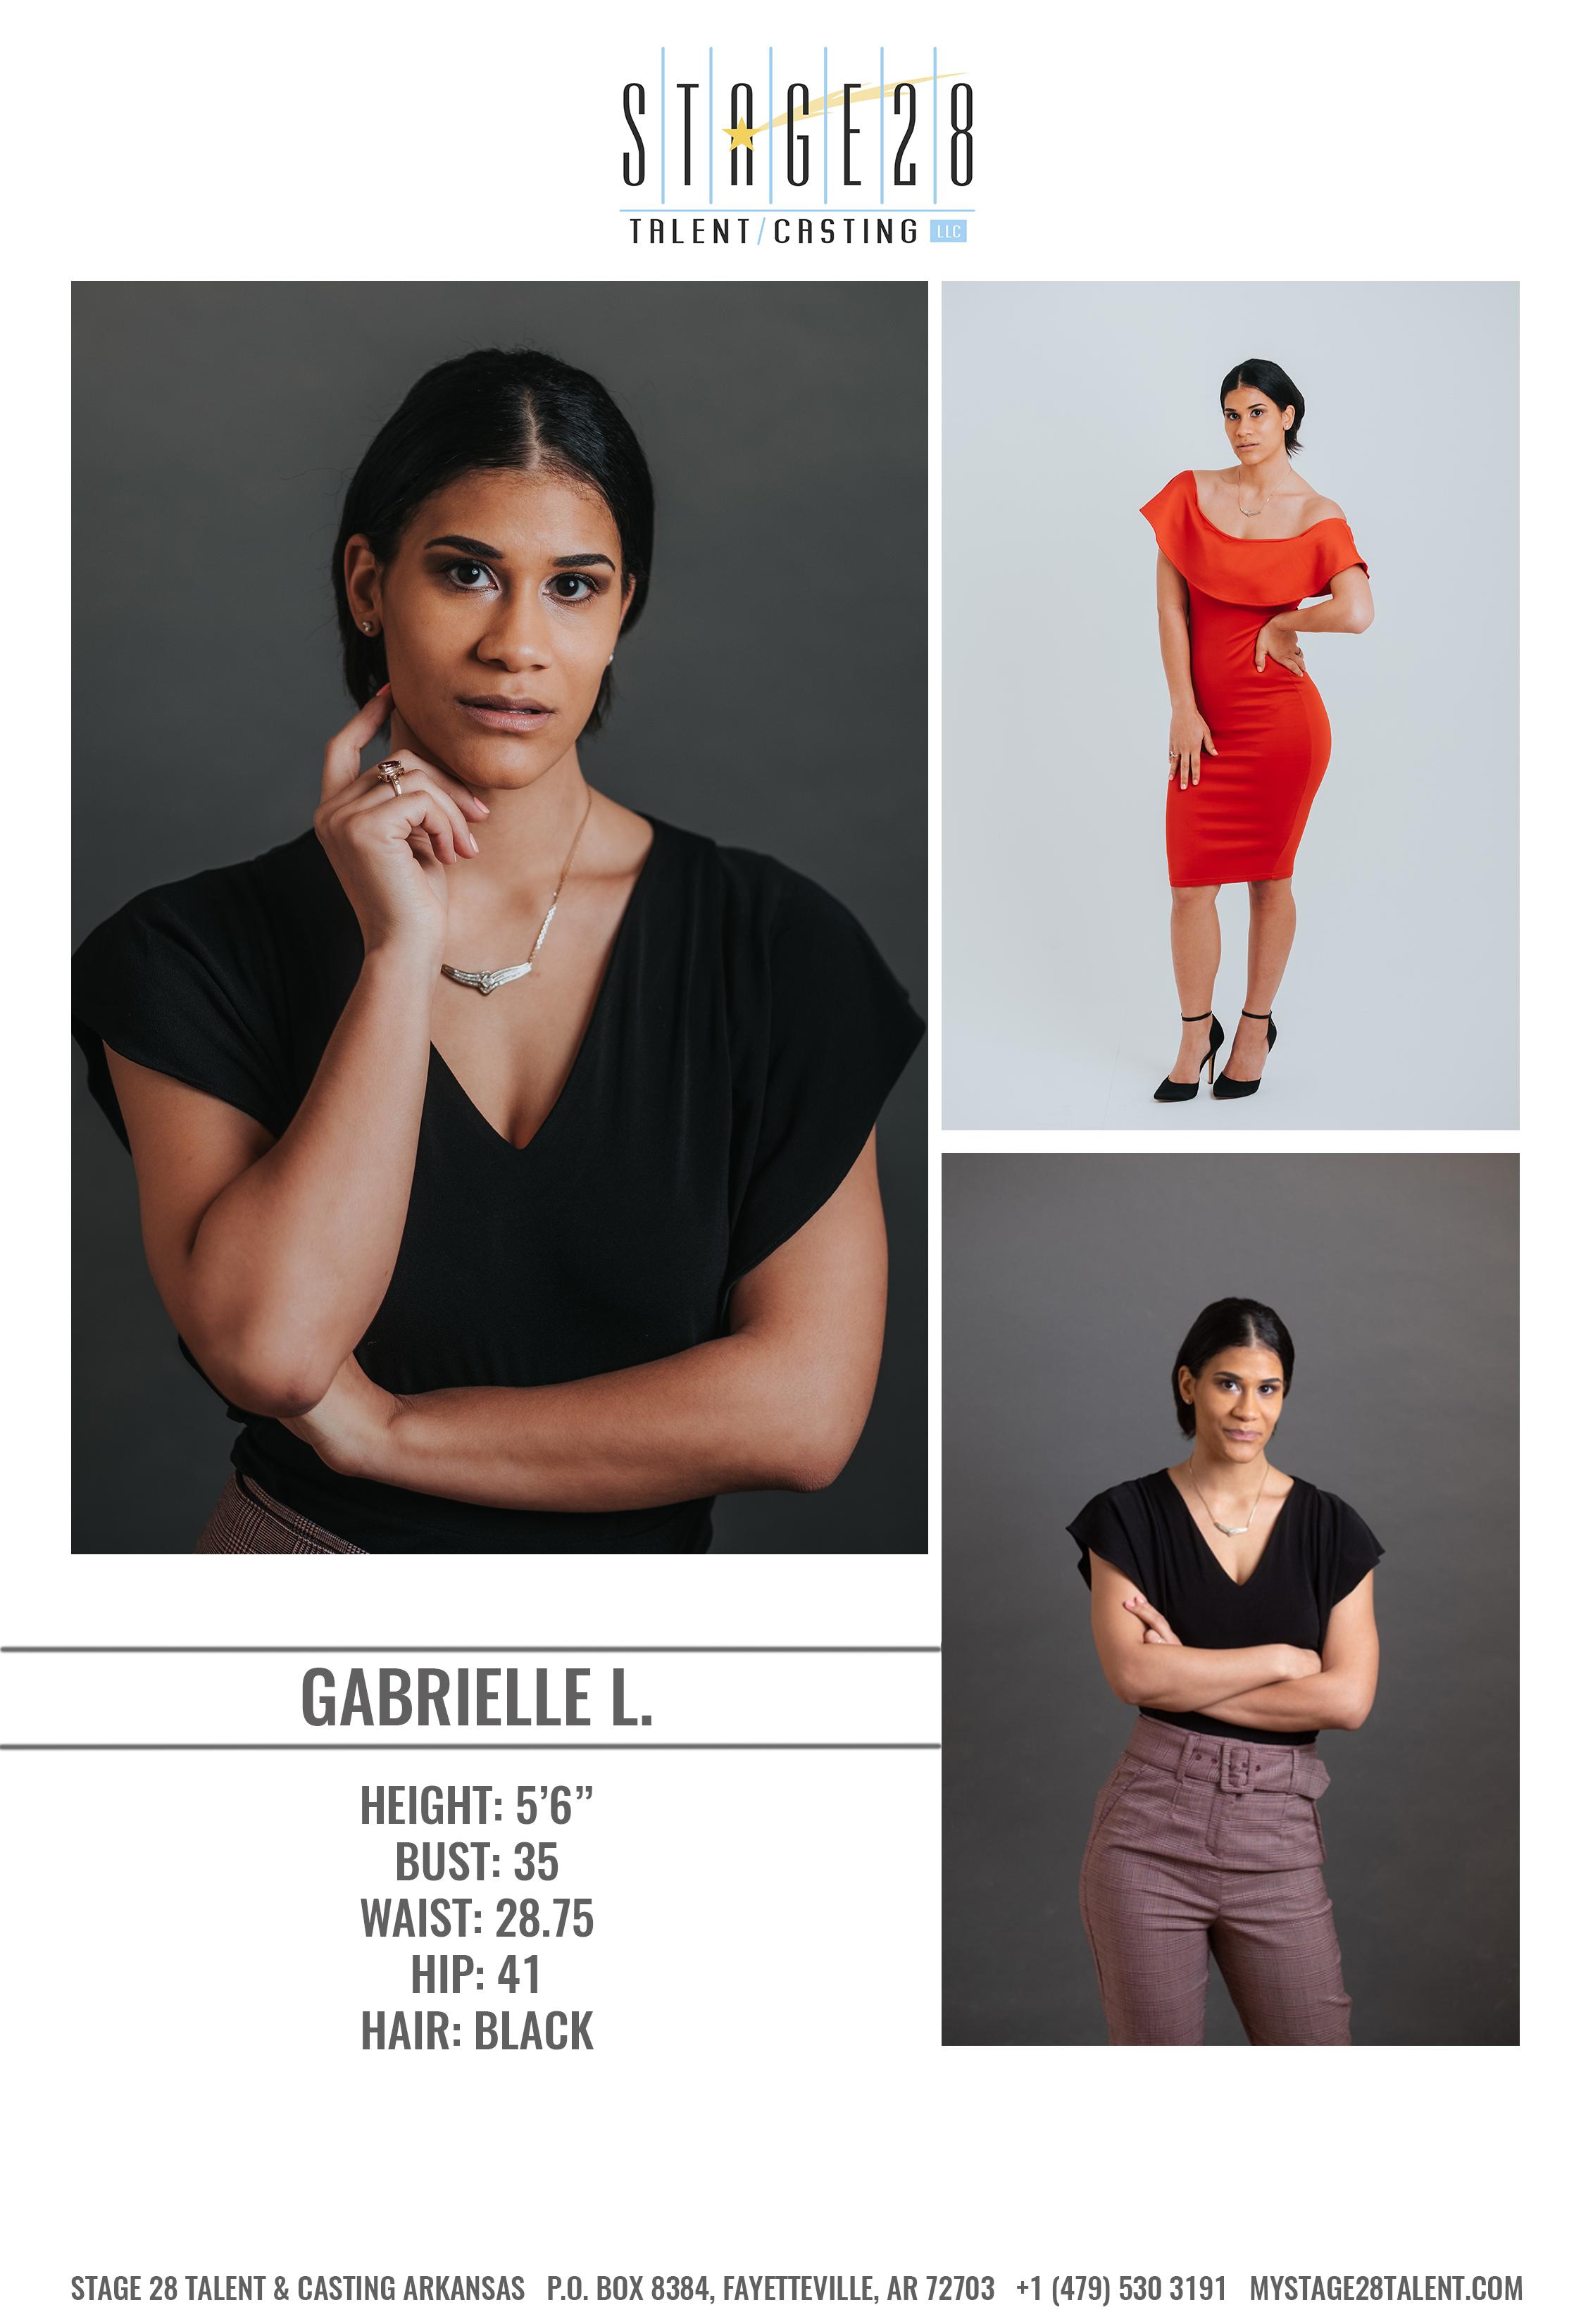 COMP-GABRIELLE-L.jpg